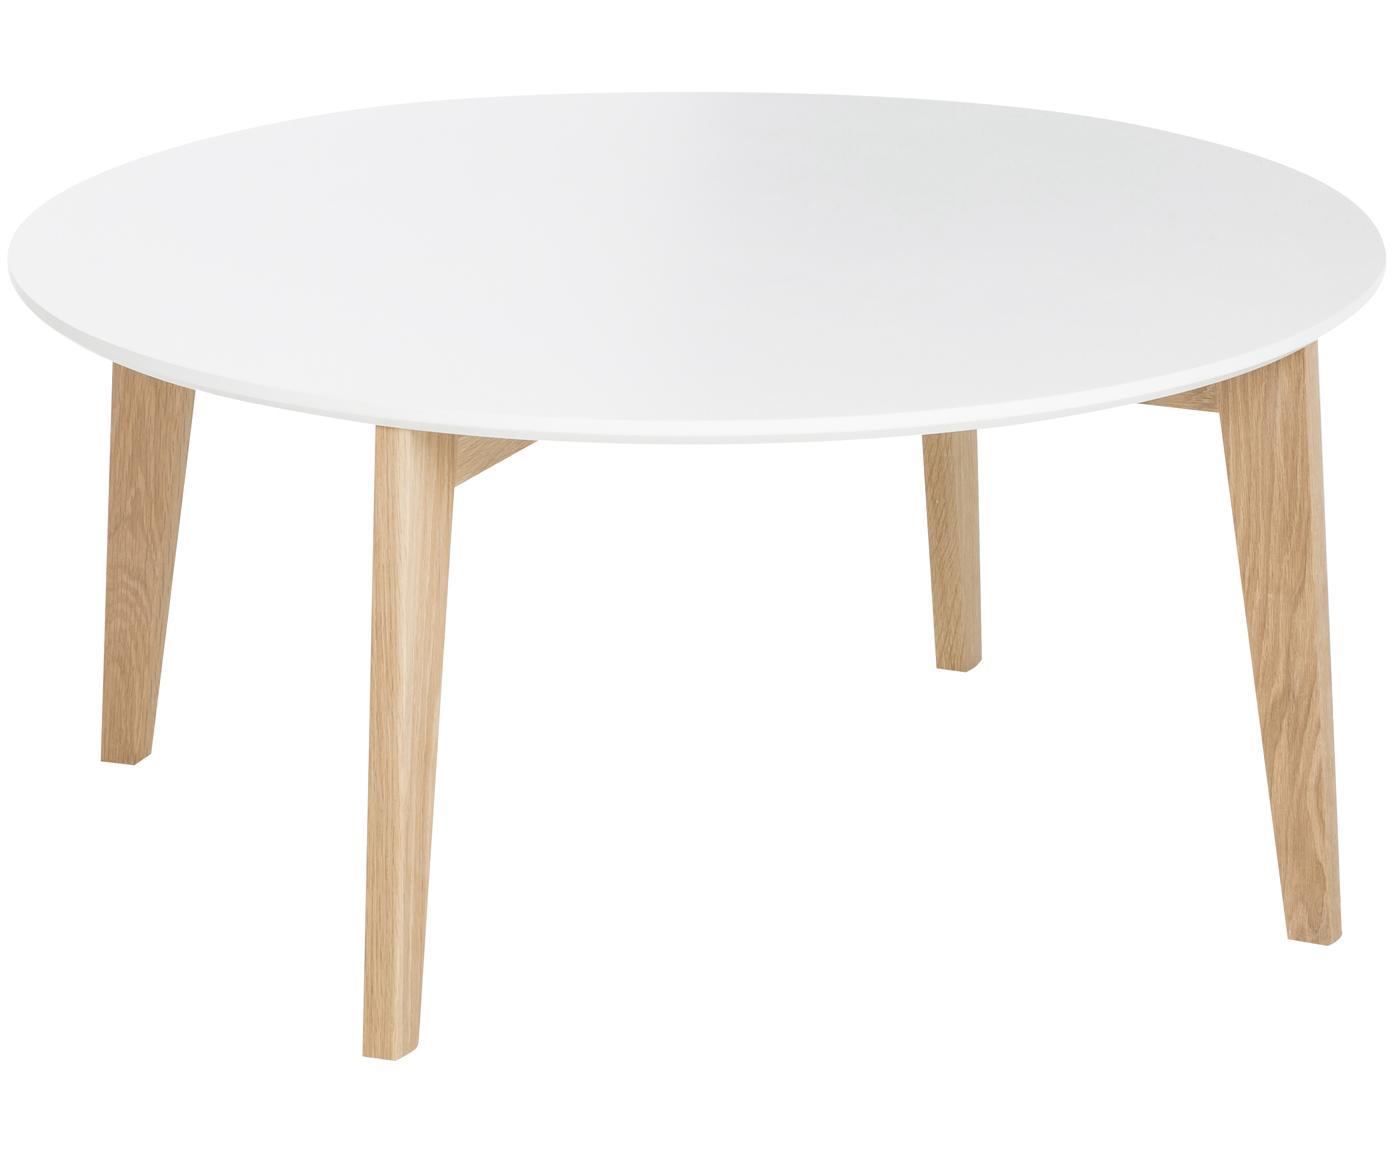 Grote salontafel Lucas in scandi design, Tafelblad: gelakt MDF, Poten: eikenhout, Wit, eiken, Ø 90 x H 42 cm